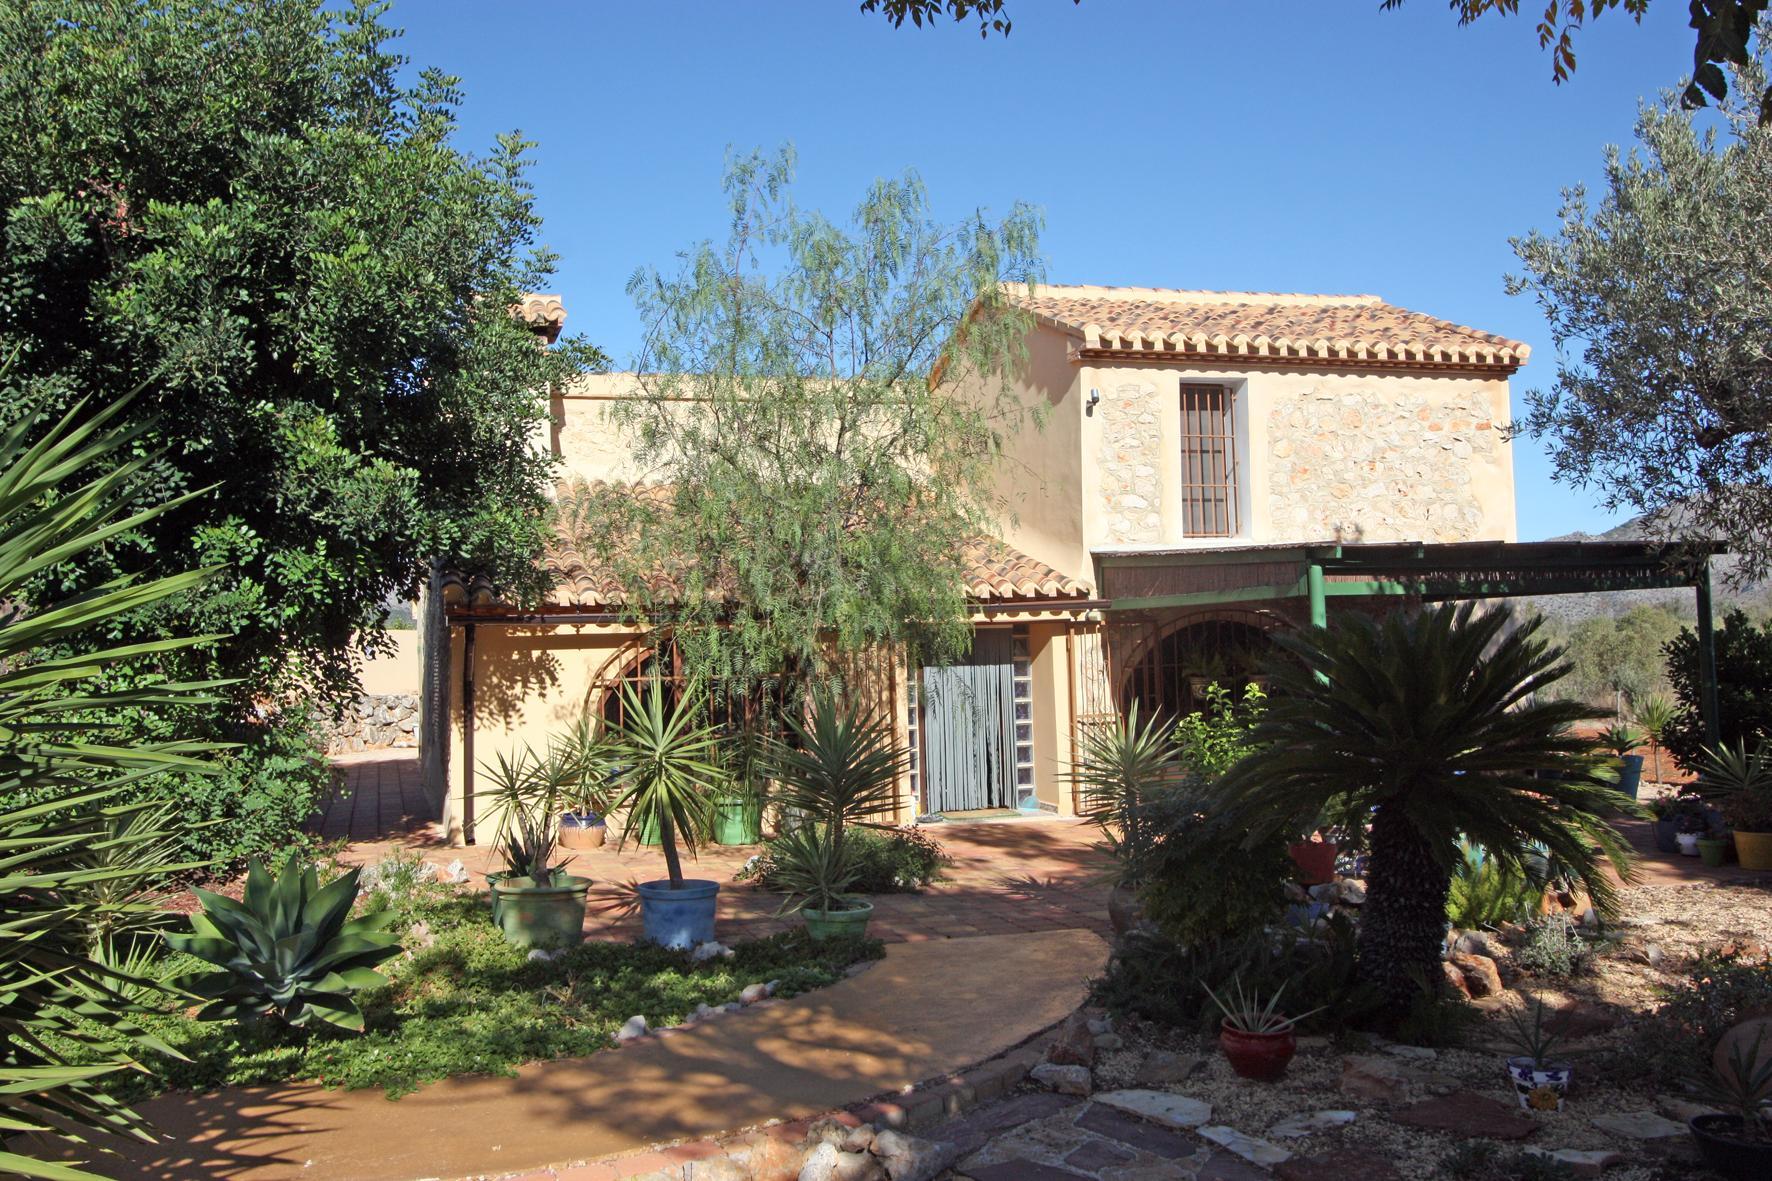 3 Bedroom Finca / Country House in Pedreguer